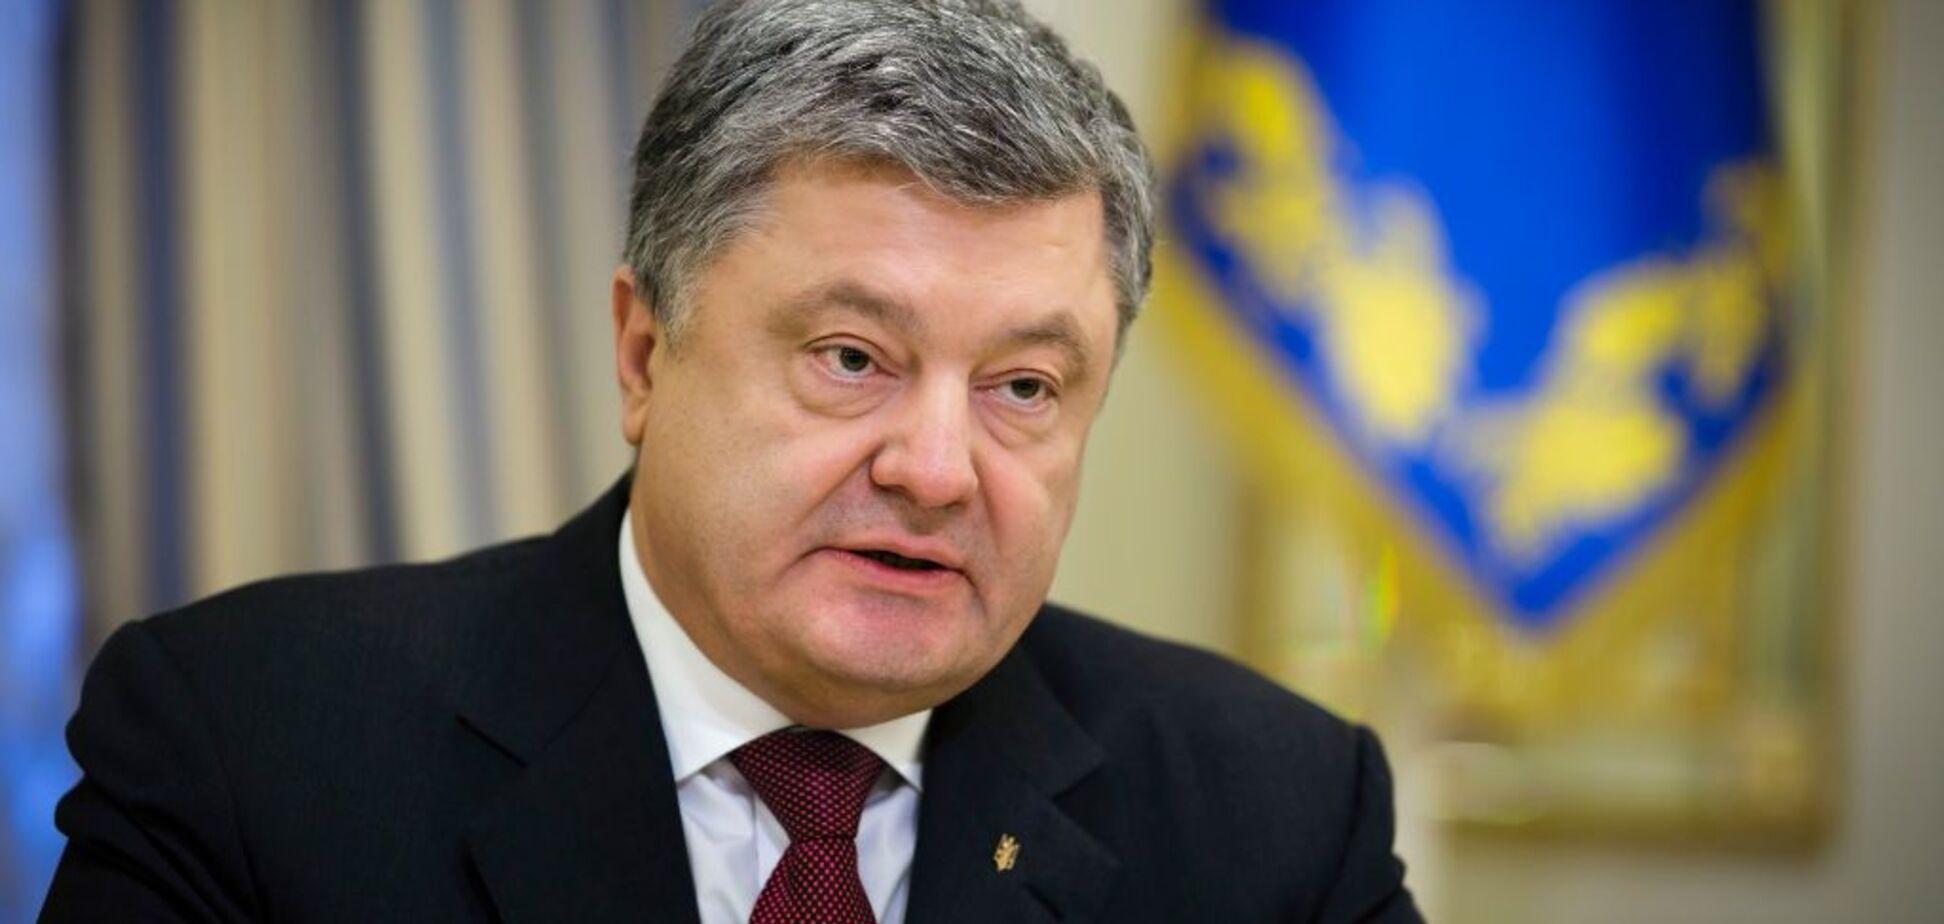 Порошенко запропонував назвати іменем Маккейна вулицю в Києві